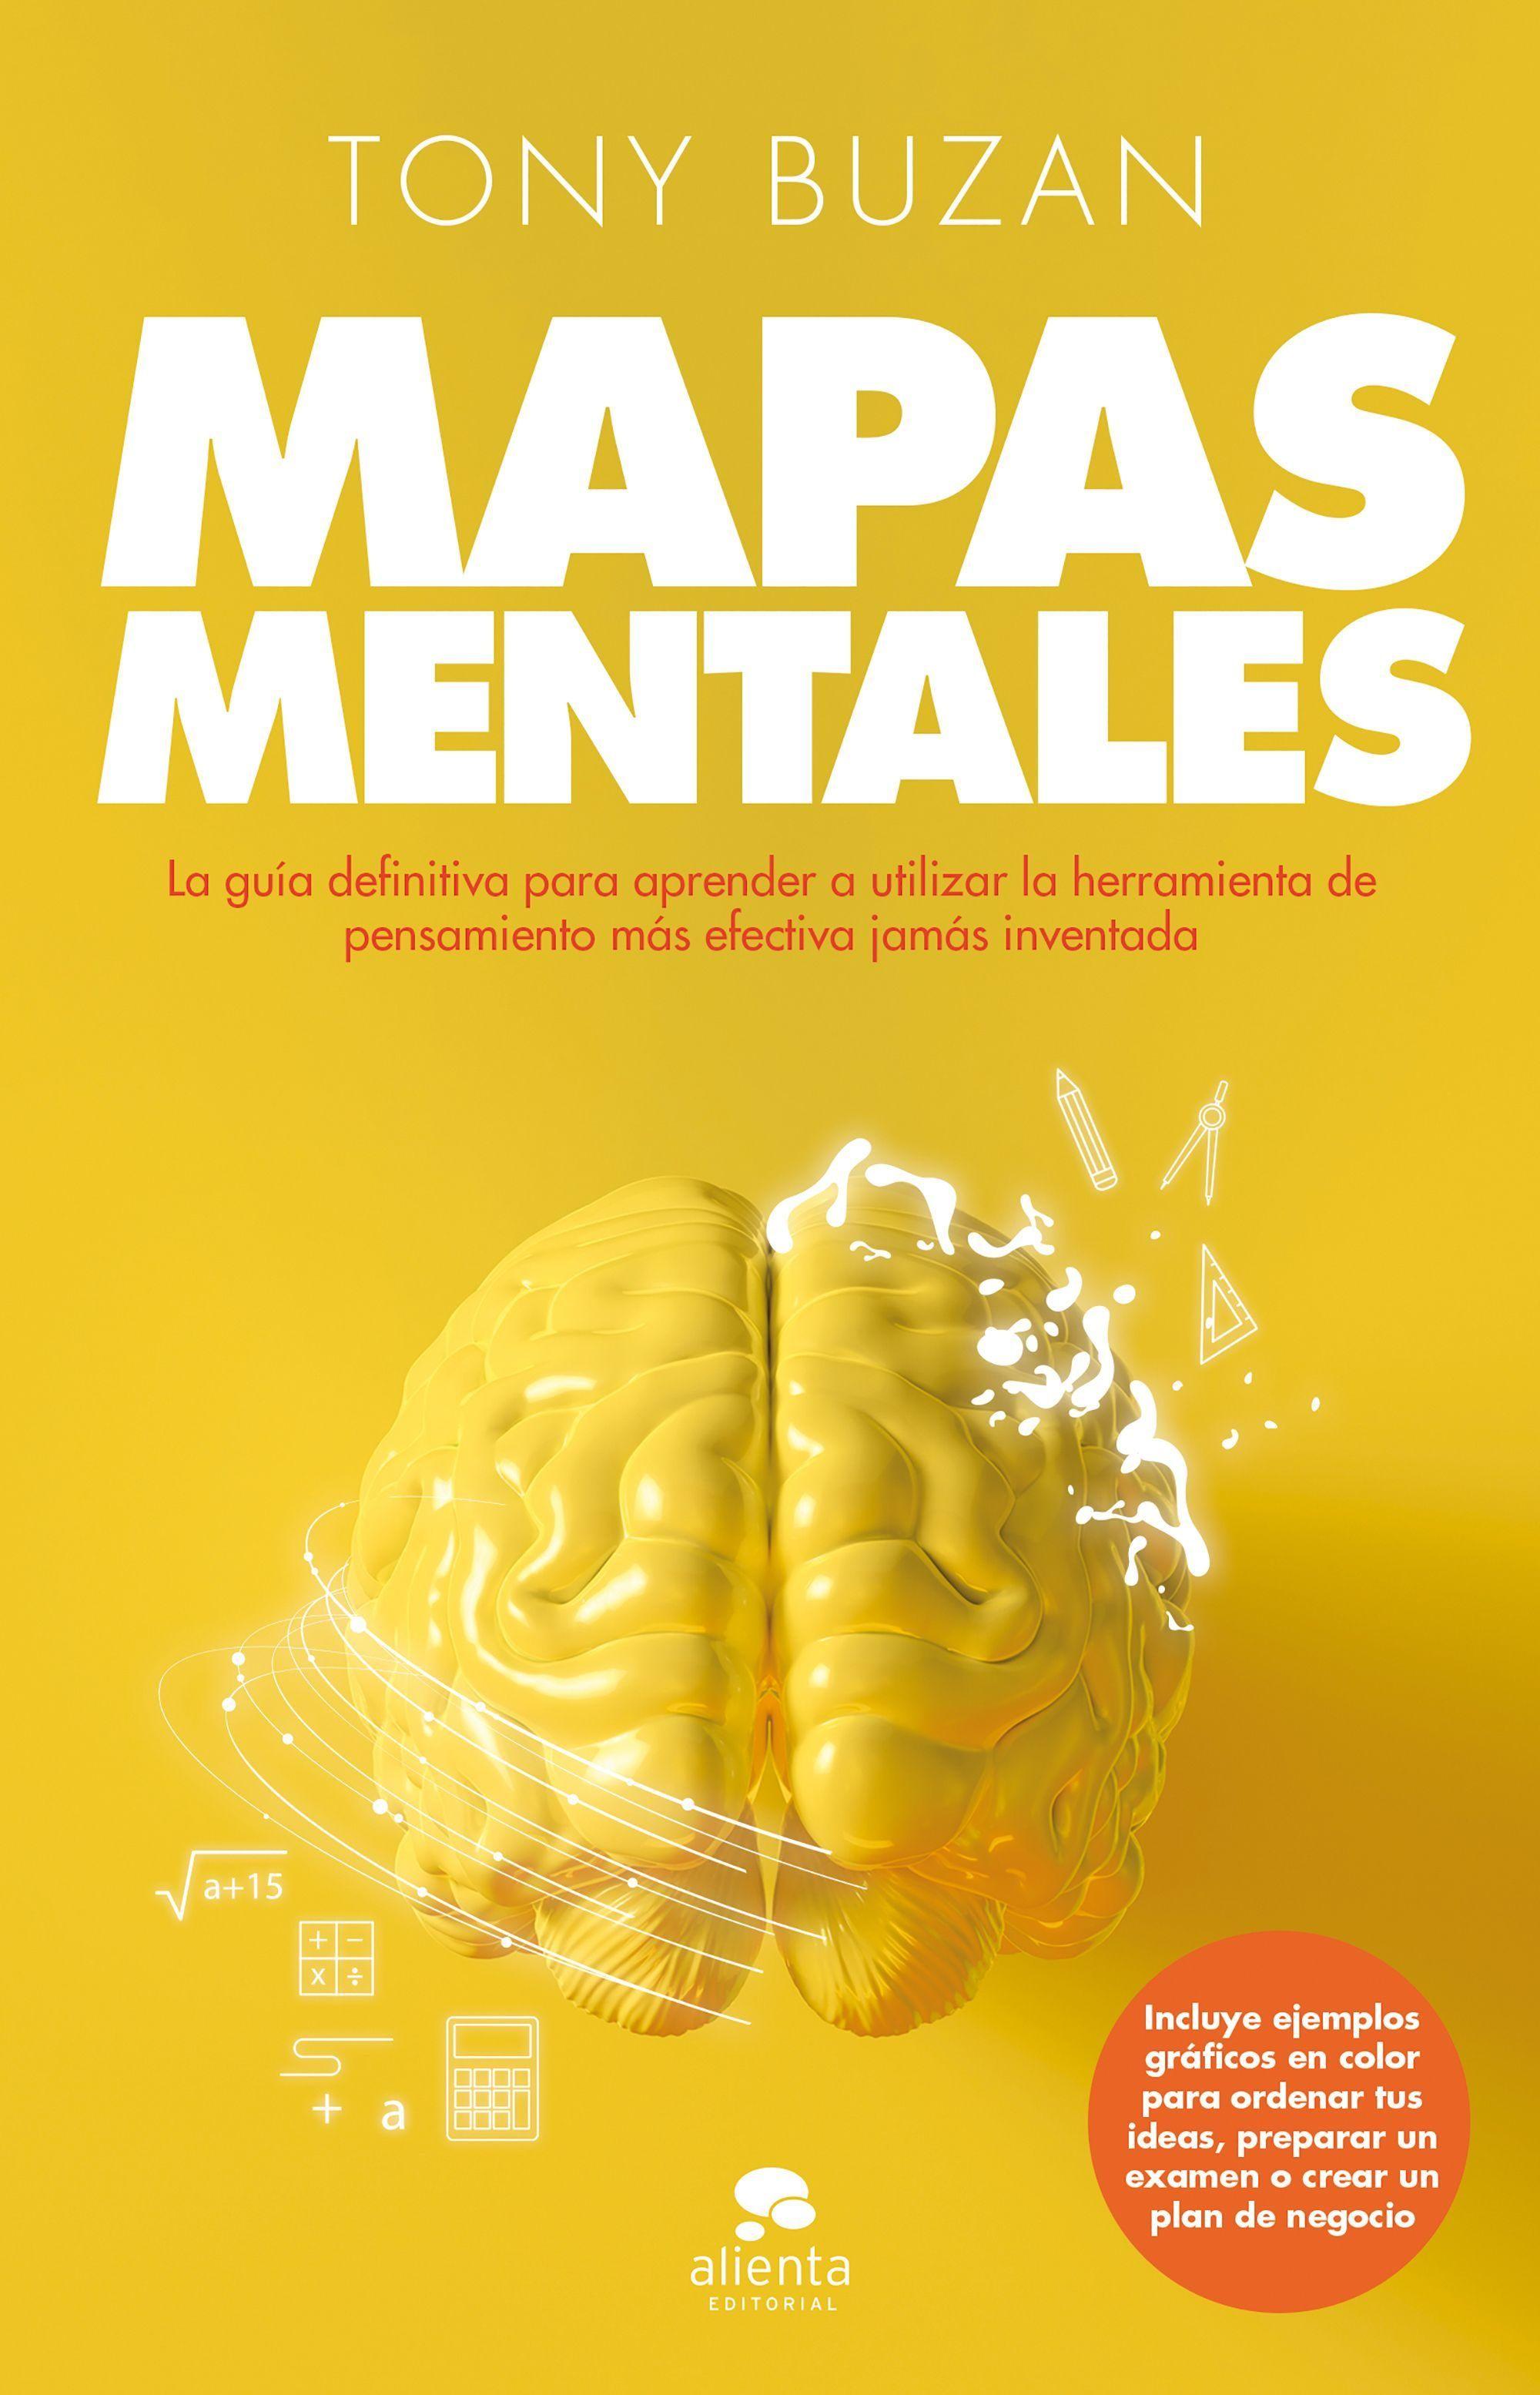 Mapas Mentales Tony Buzan Mapas Mentales Tony Buzan Mapas